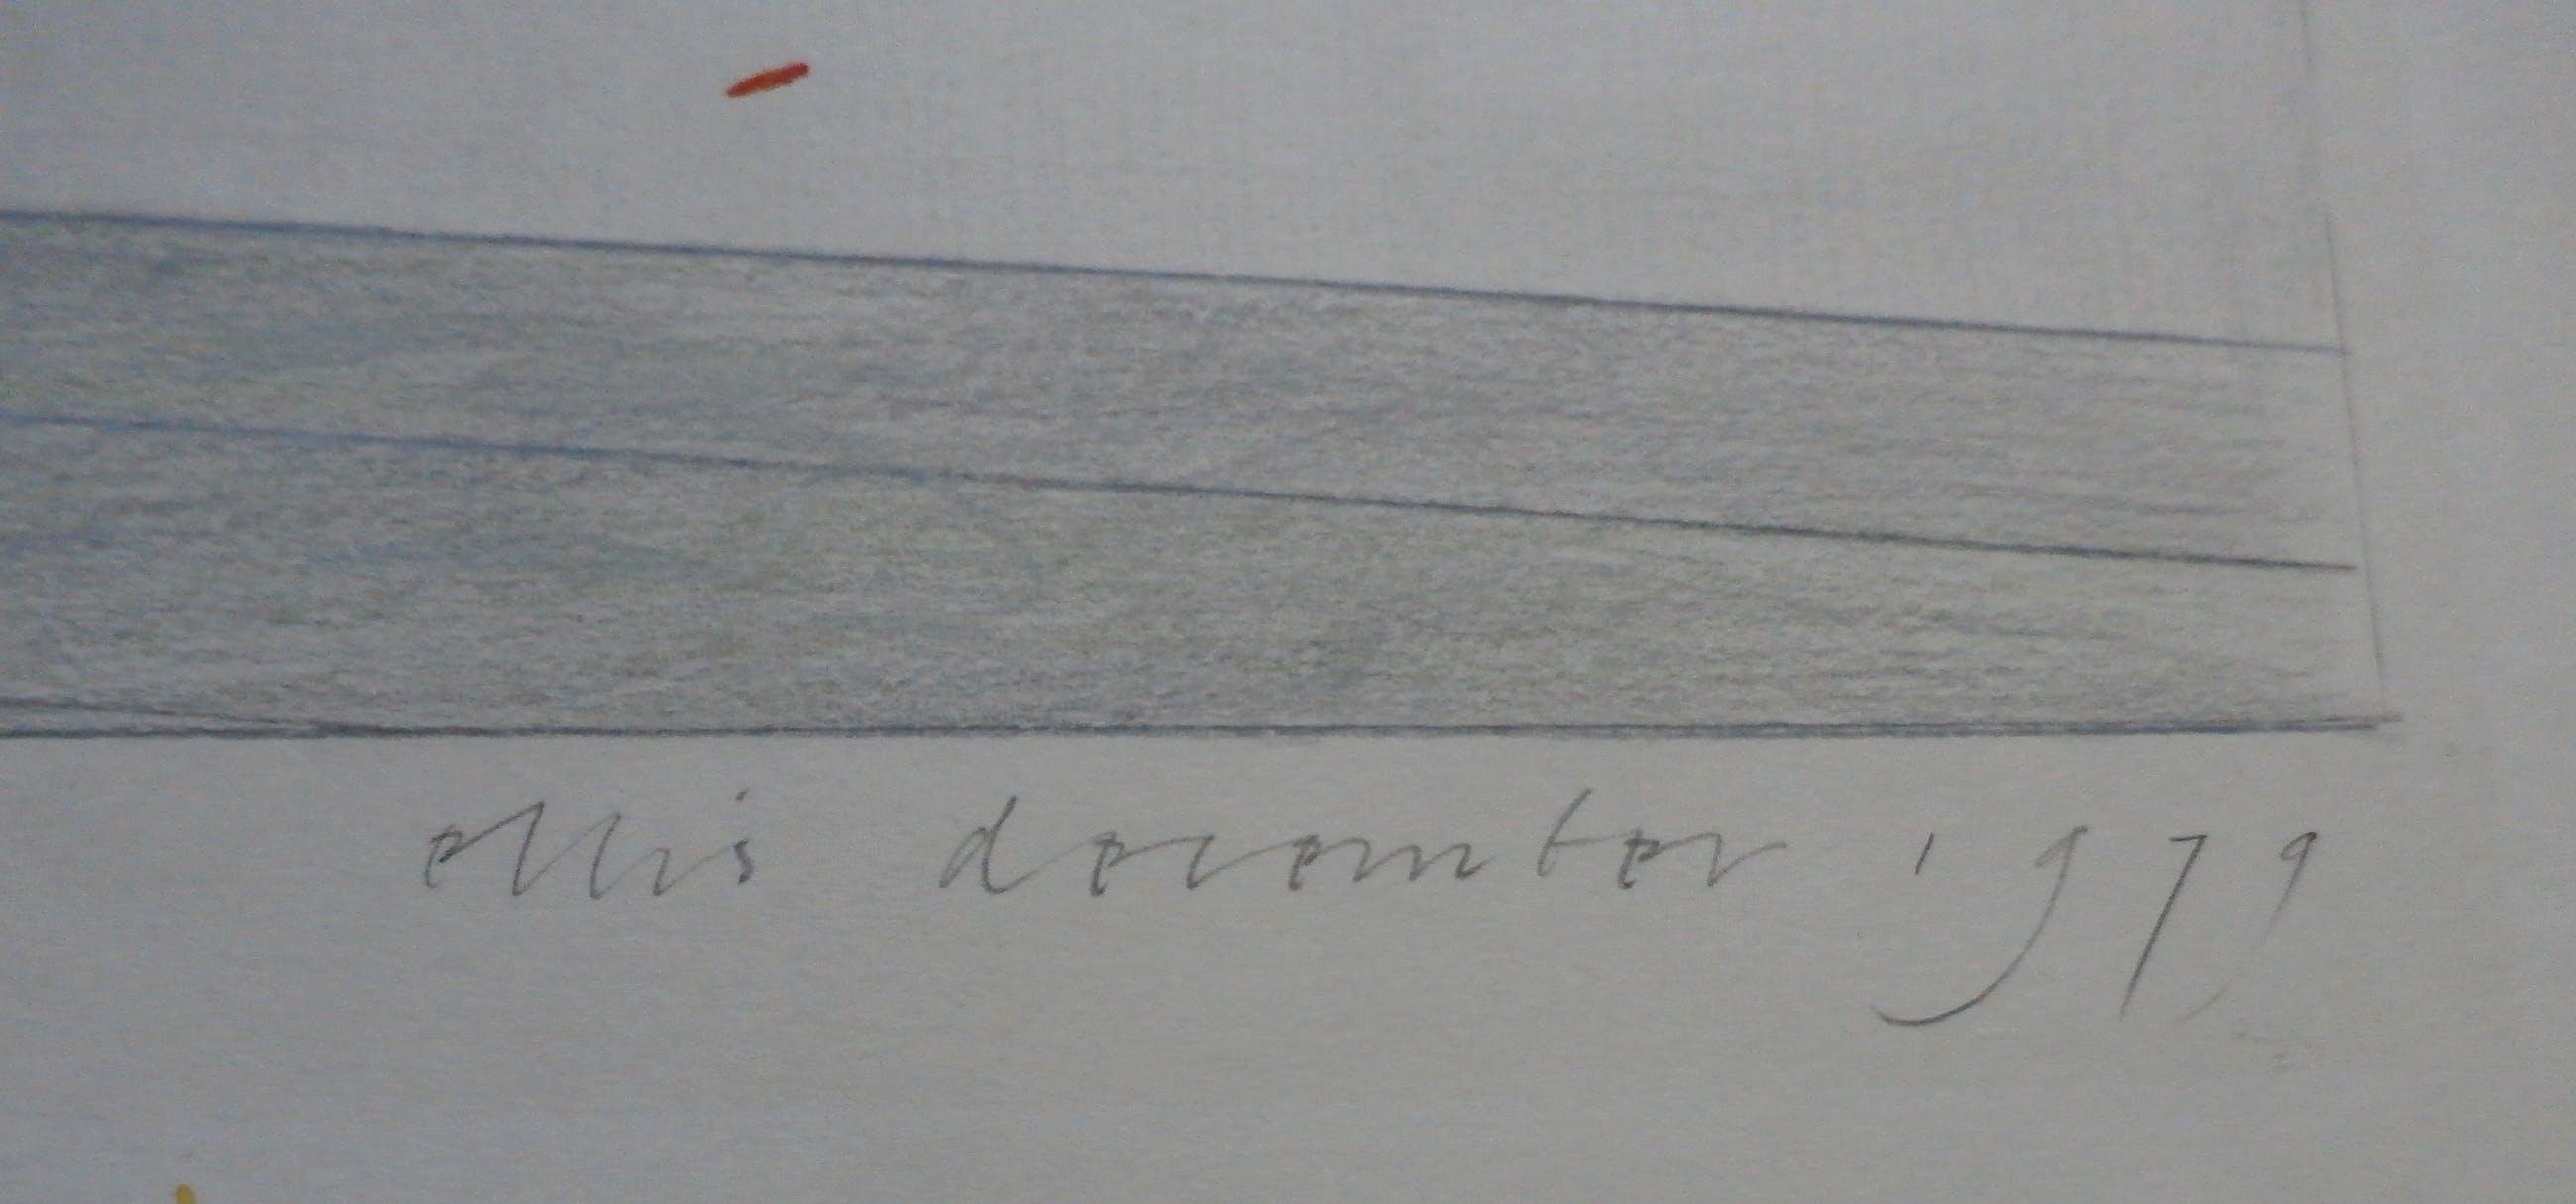 Ellis Tertoolen - tekening: interieur met stippen - 1979 kopen? Bied vanaf 249!